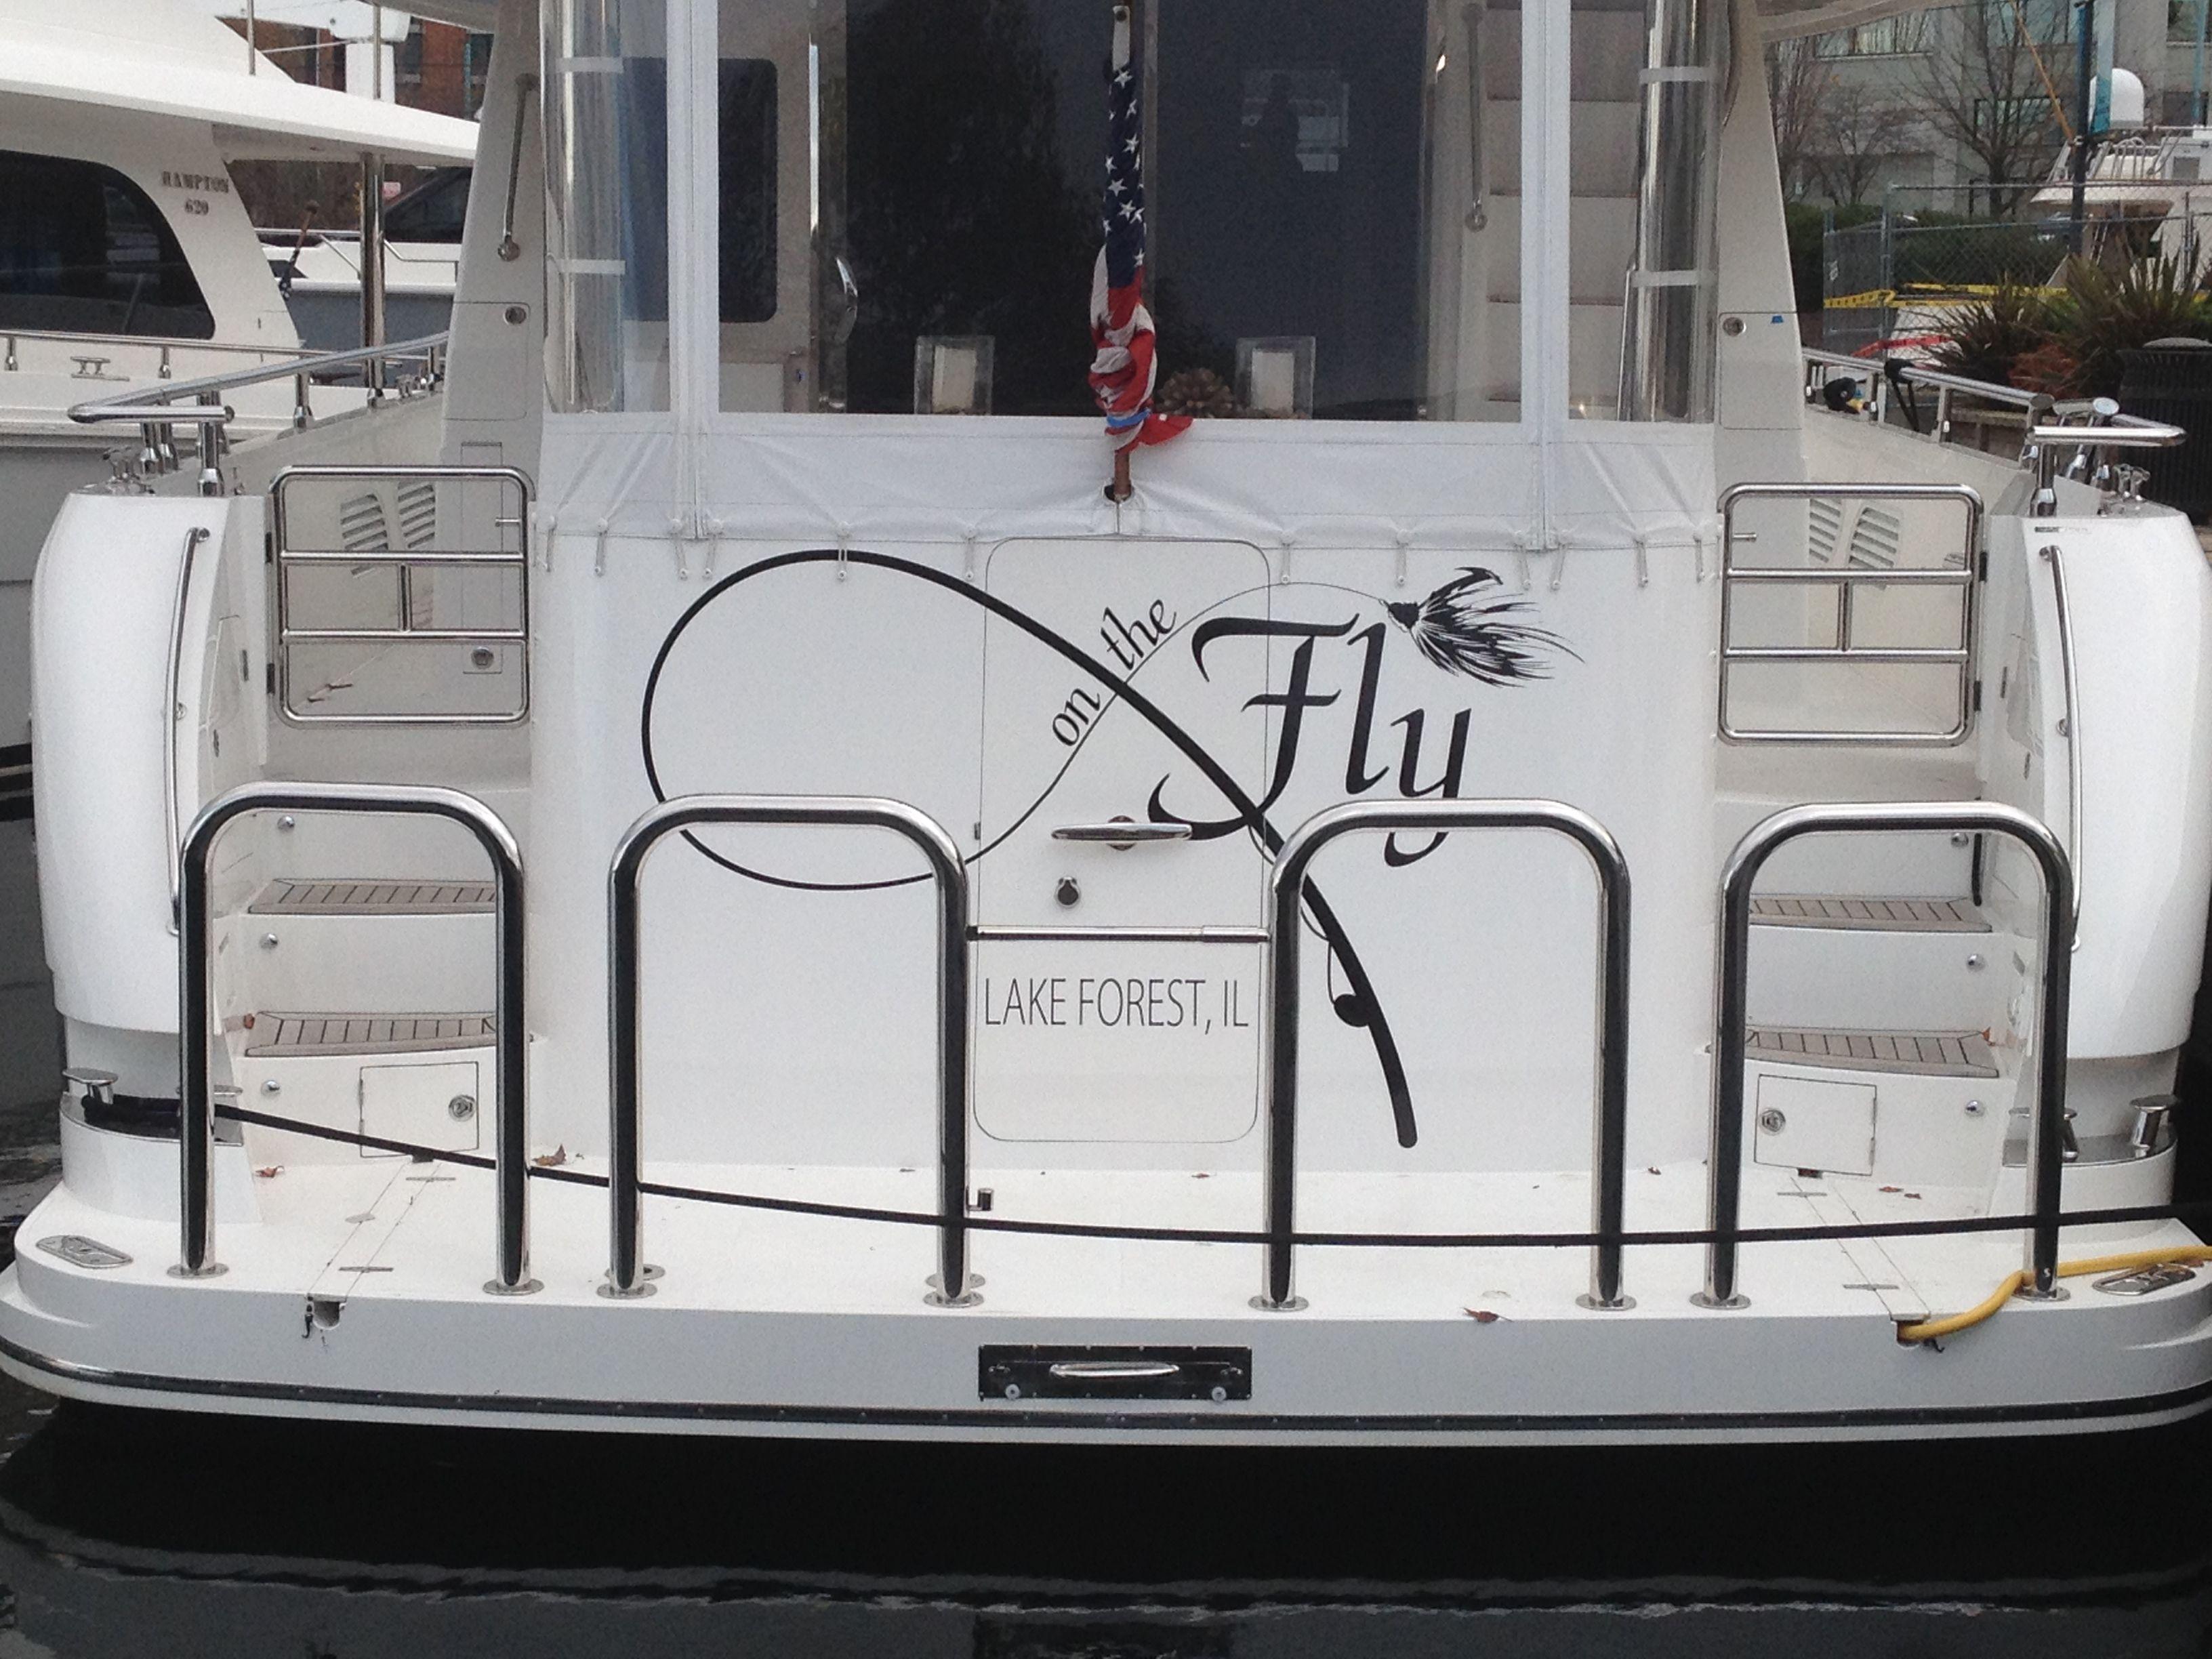 On The Fly #boatname #lakeforrest #illinois